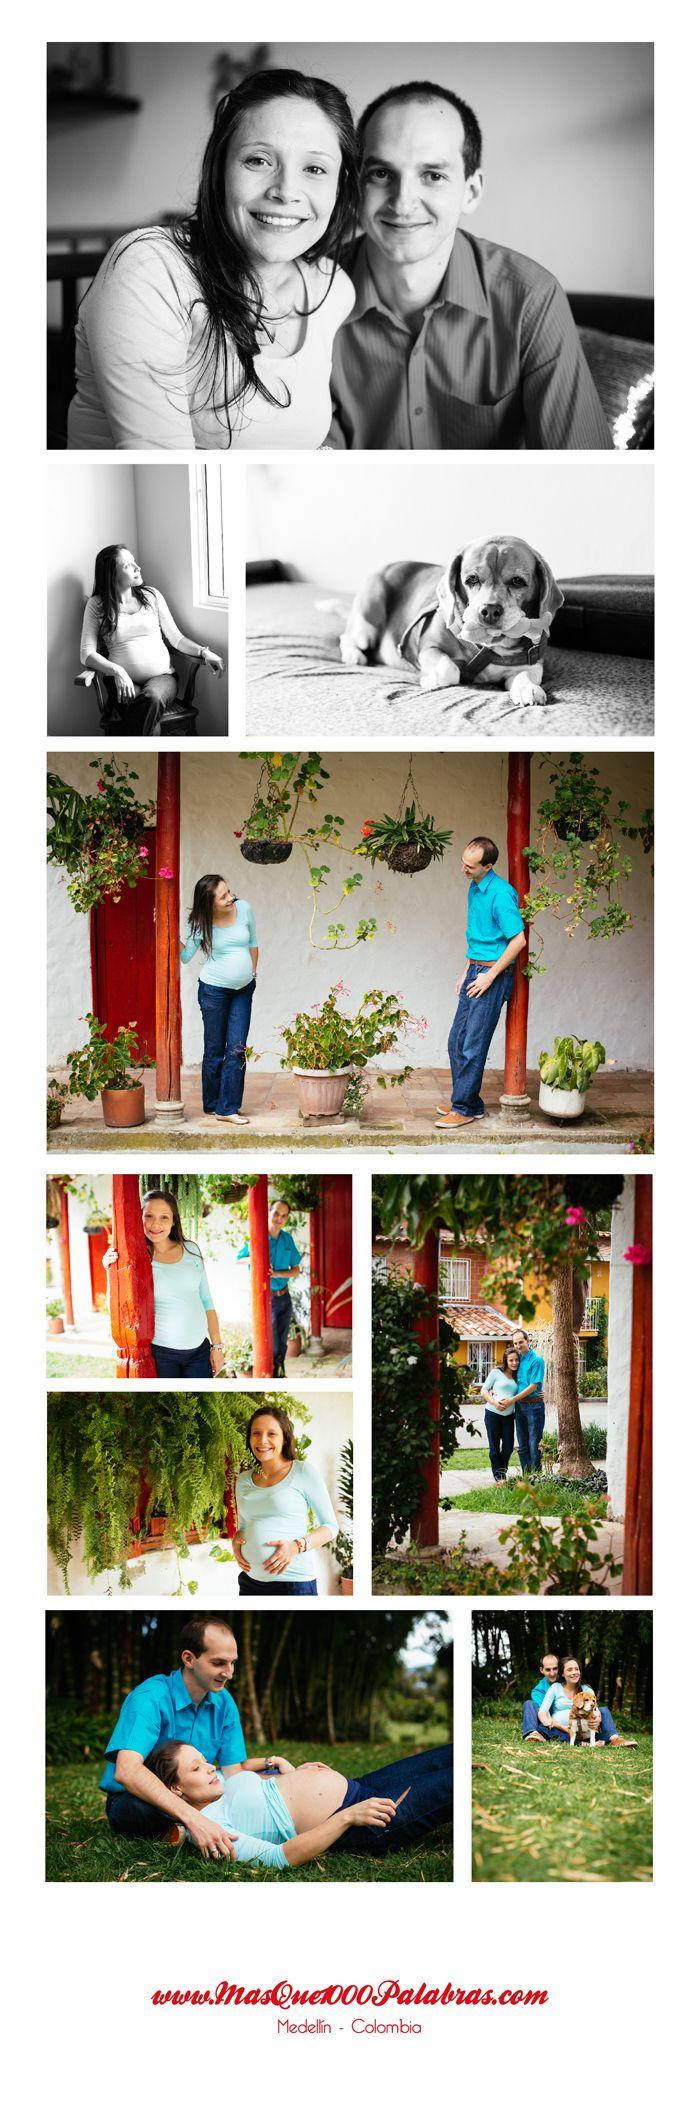 Sesion de embarazada, la ceja, antioquia www.masque1000palabras.com